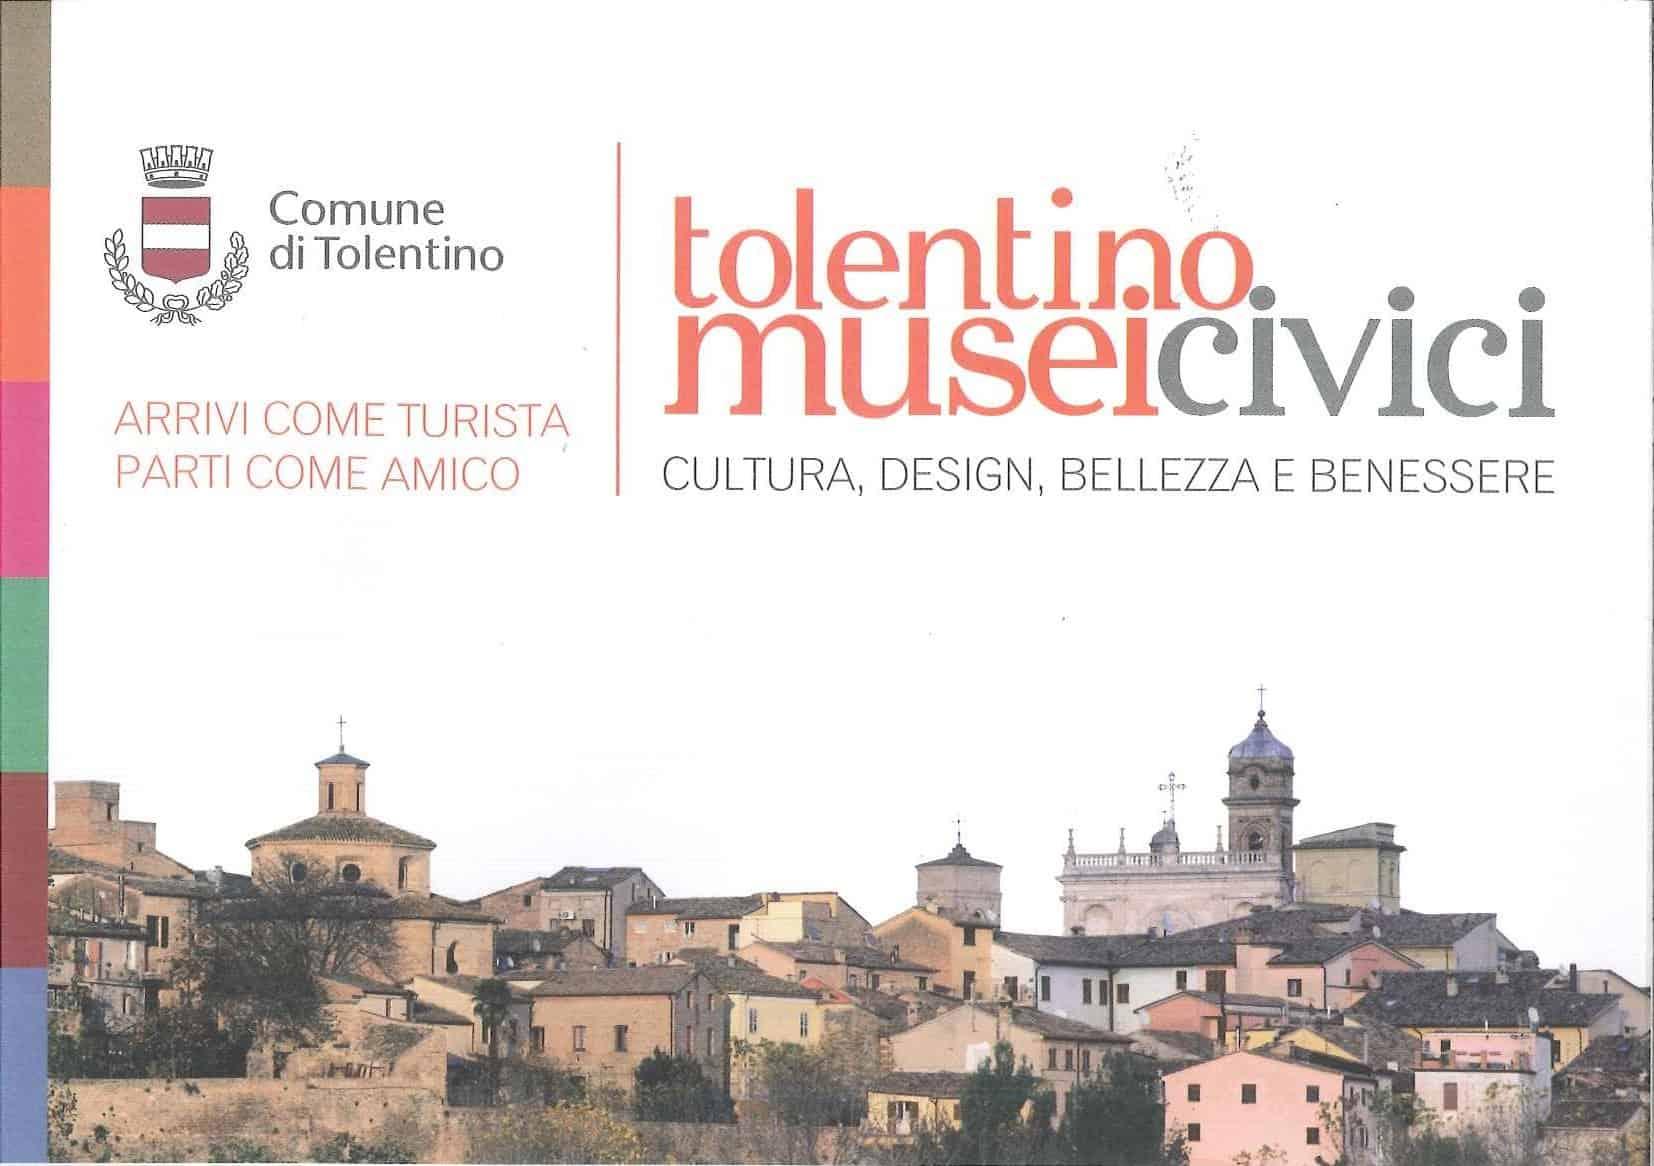 Tolentino Musei Civici